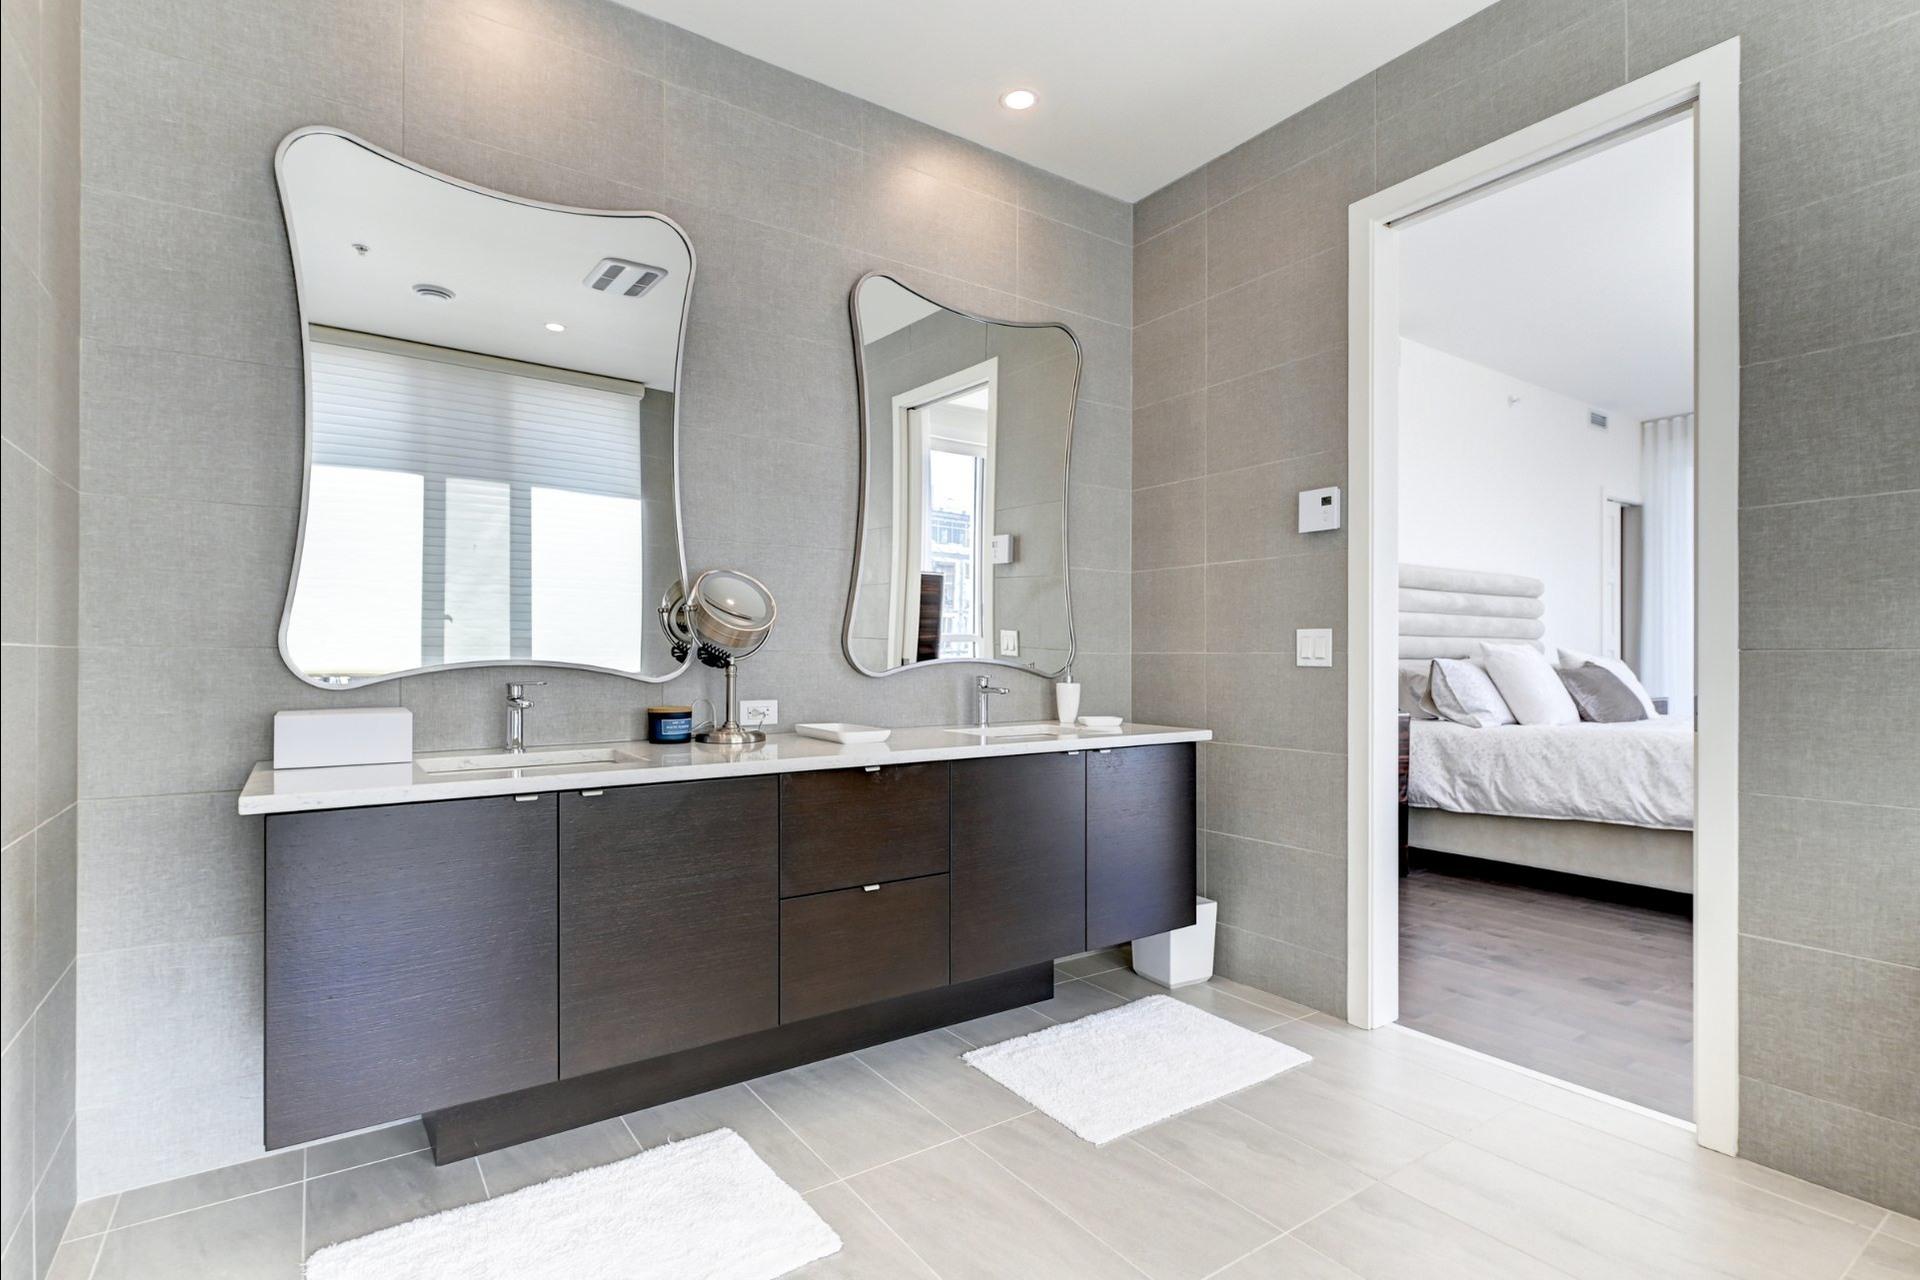 image 24 - Appartement À vendre Côte-des-Neiges/Notre-Dame-de-Grâce Montréal  - 16 pièces